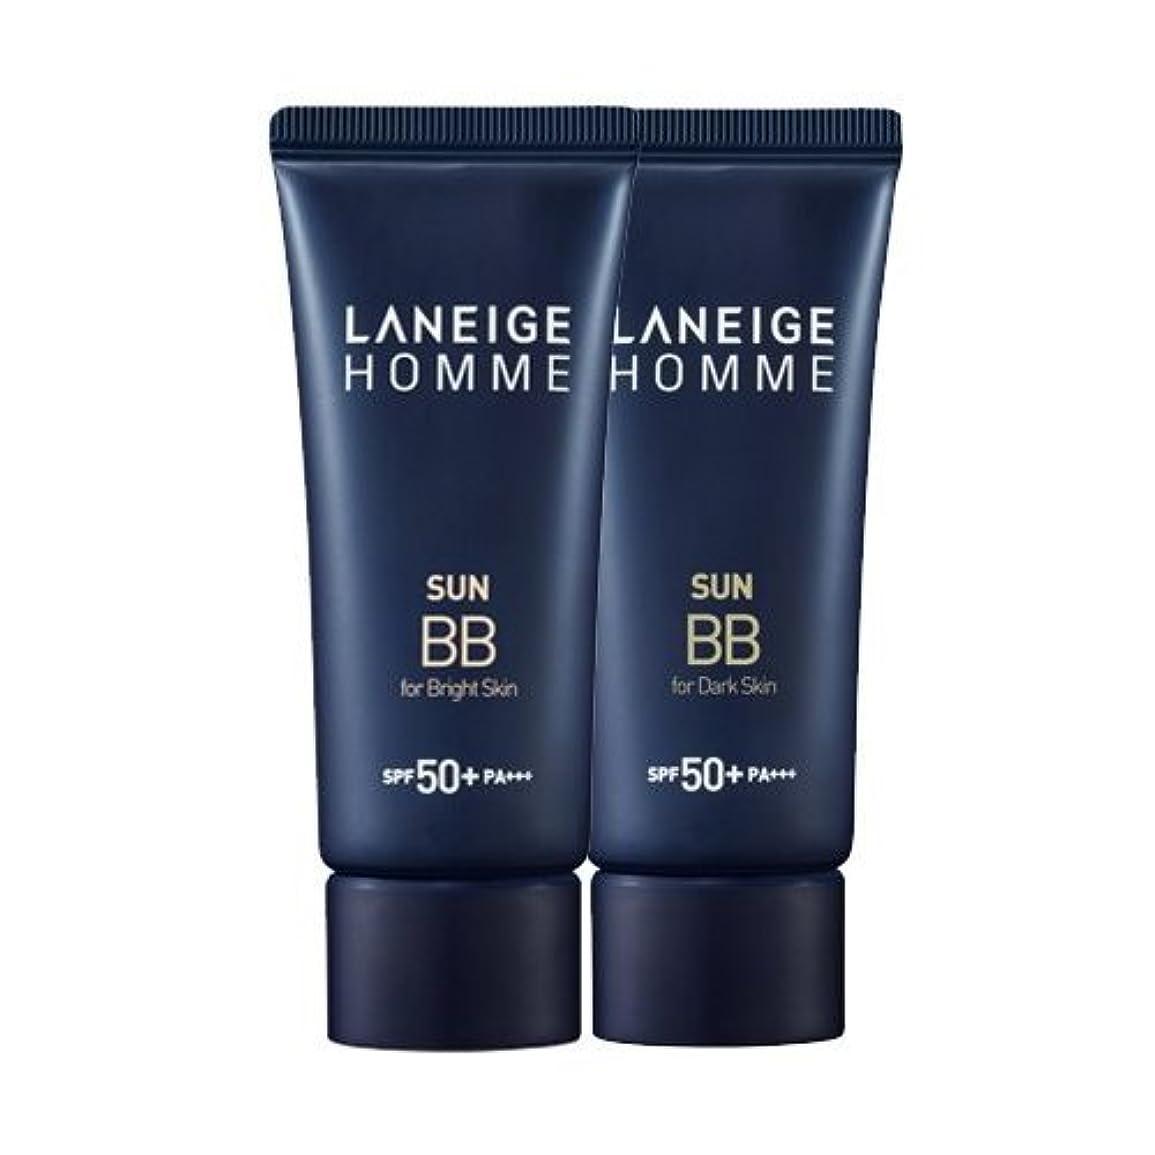 ハンディ騙す宣教師Korea Cosmetics 2014 Advanced Laneige Homme Sun BB Cream (SPF50+/PA+++) - #Dark skin